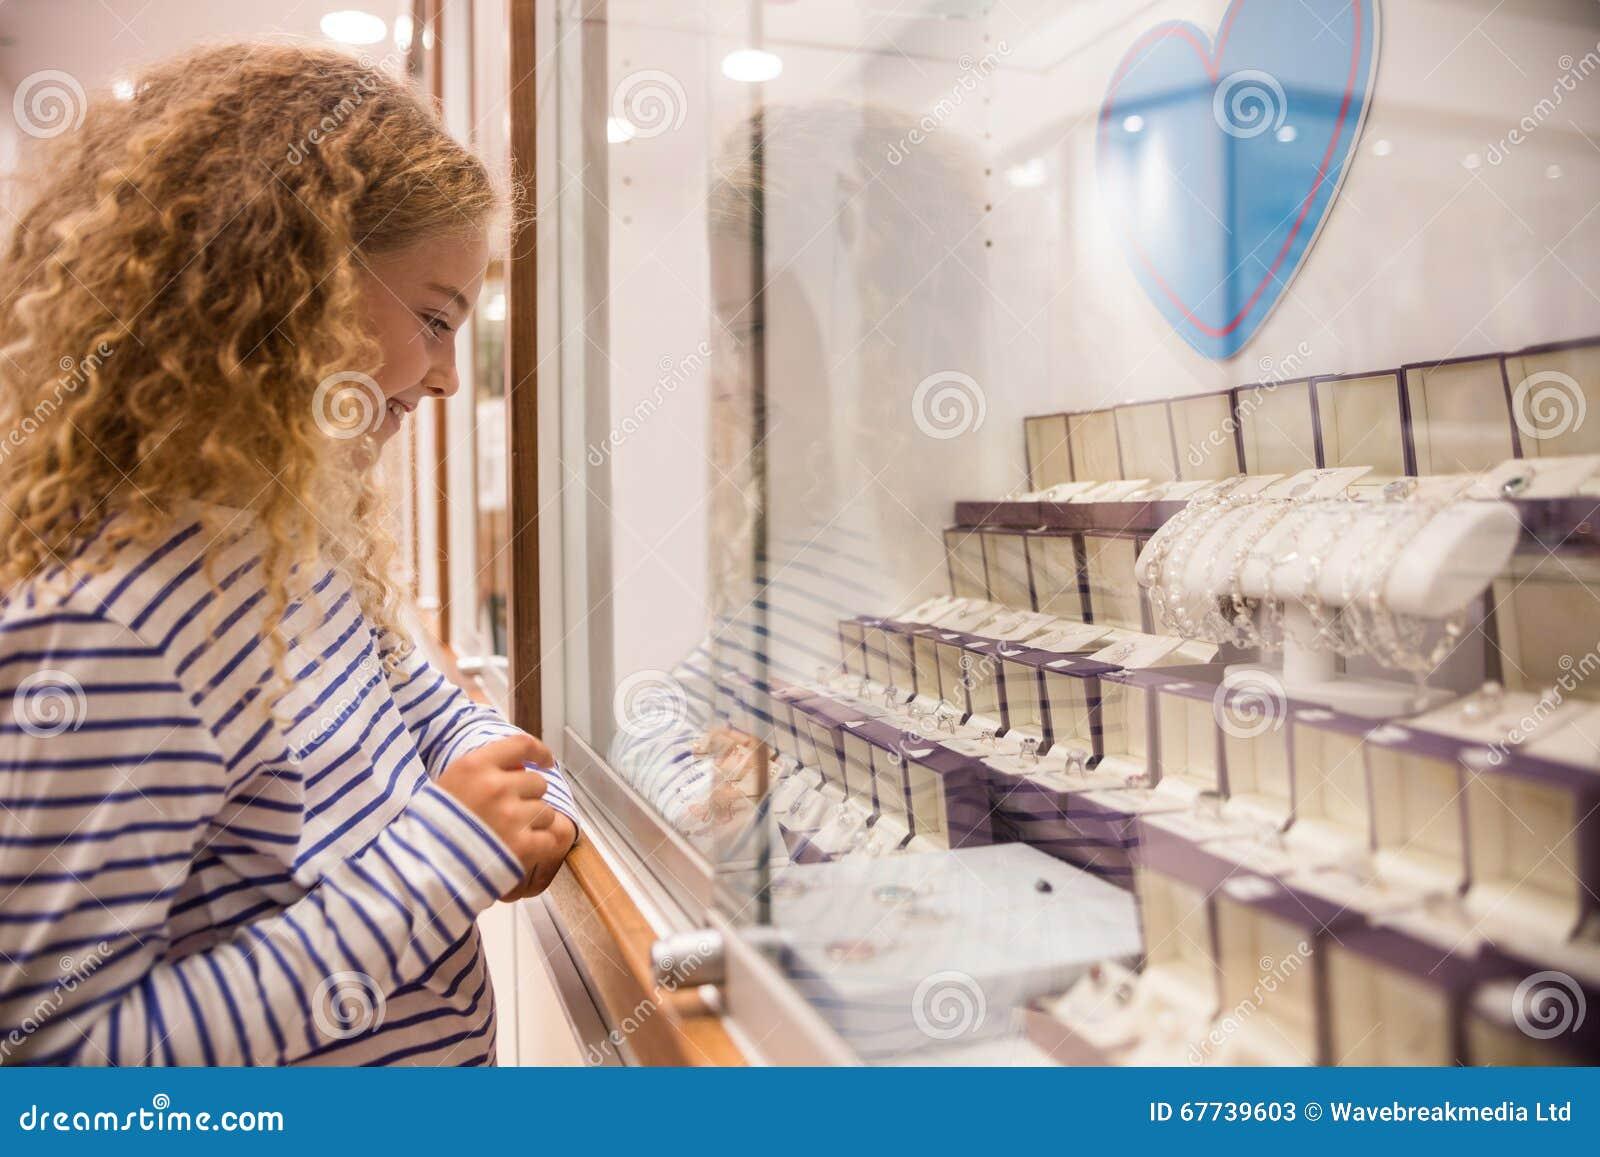 Счастливая девушка смотря дисплей ювелирных изделий